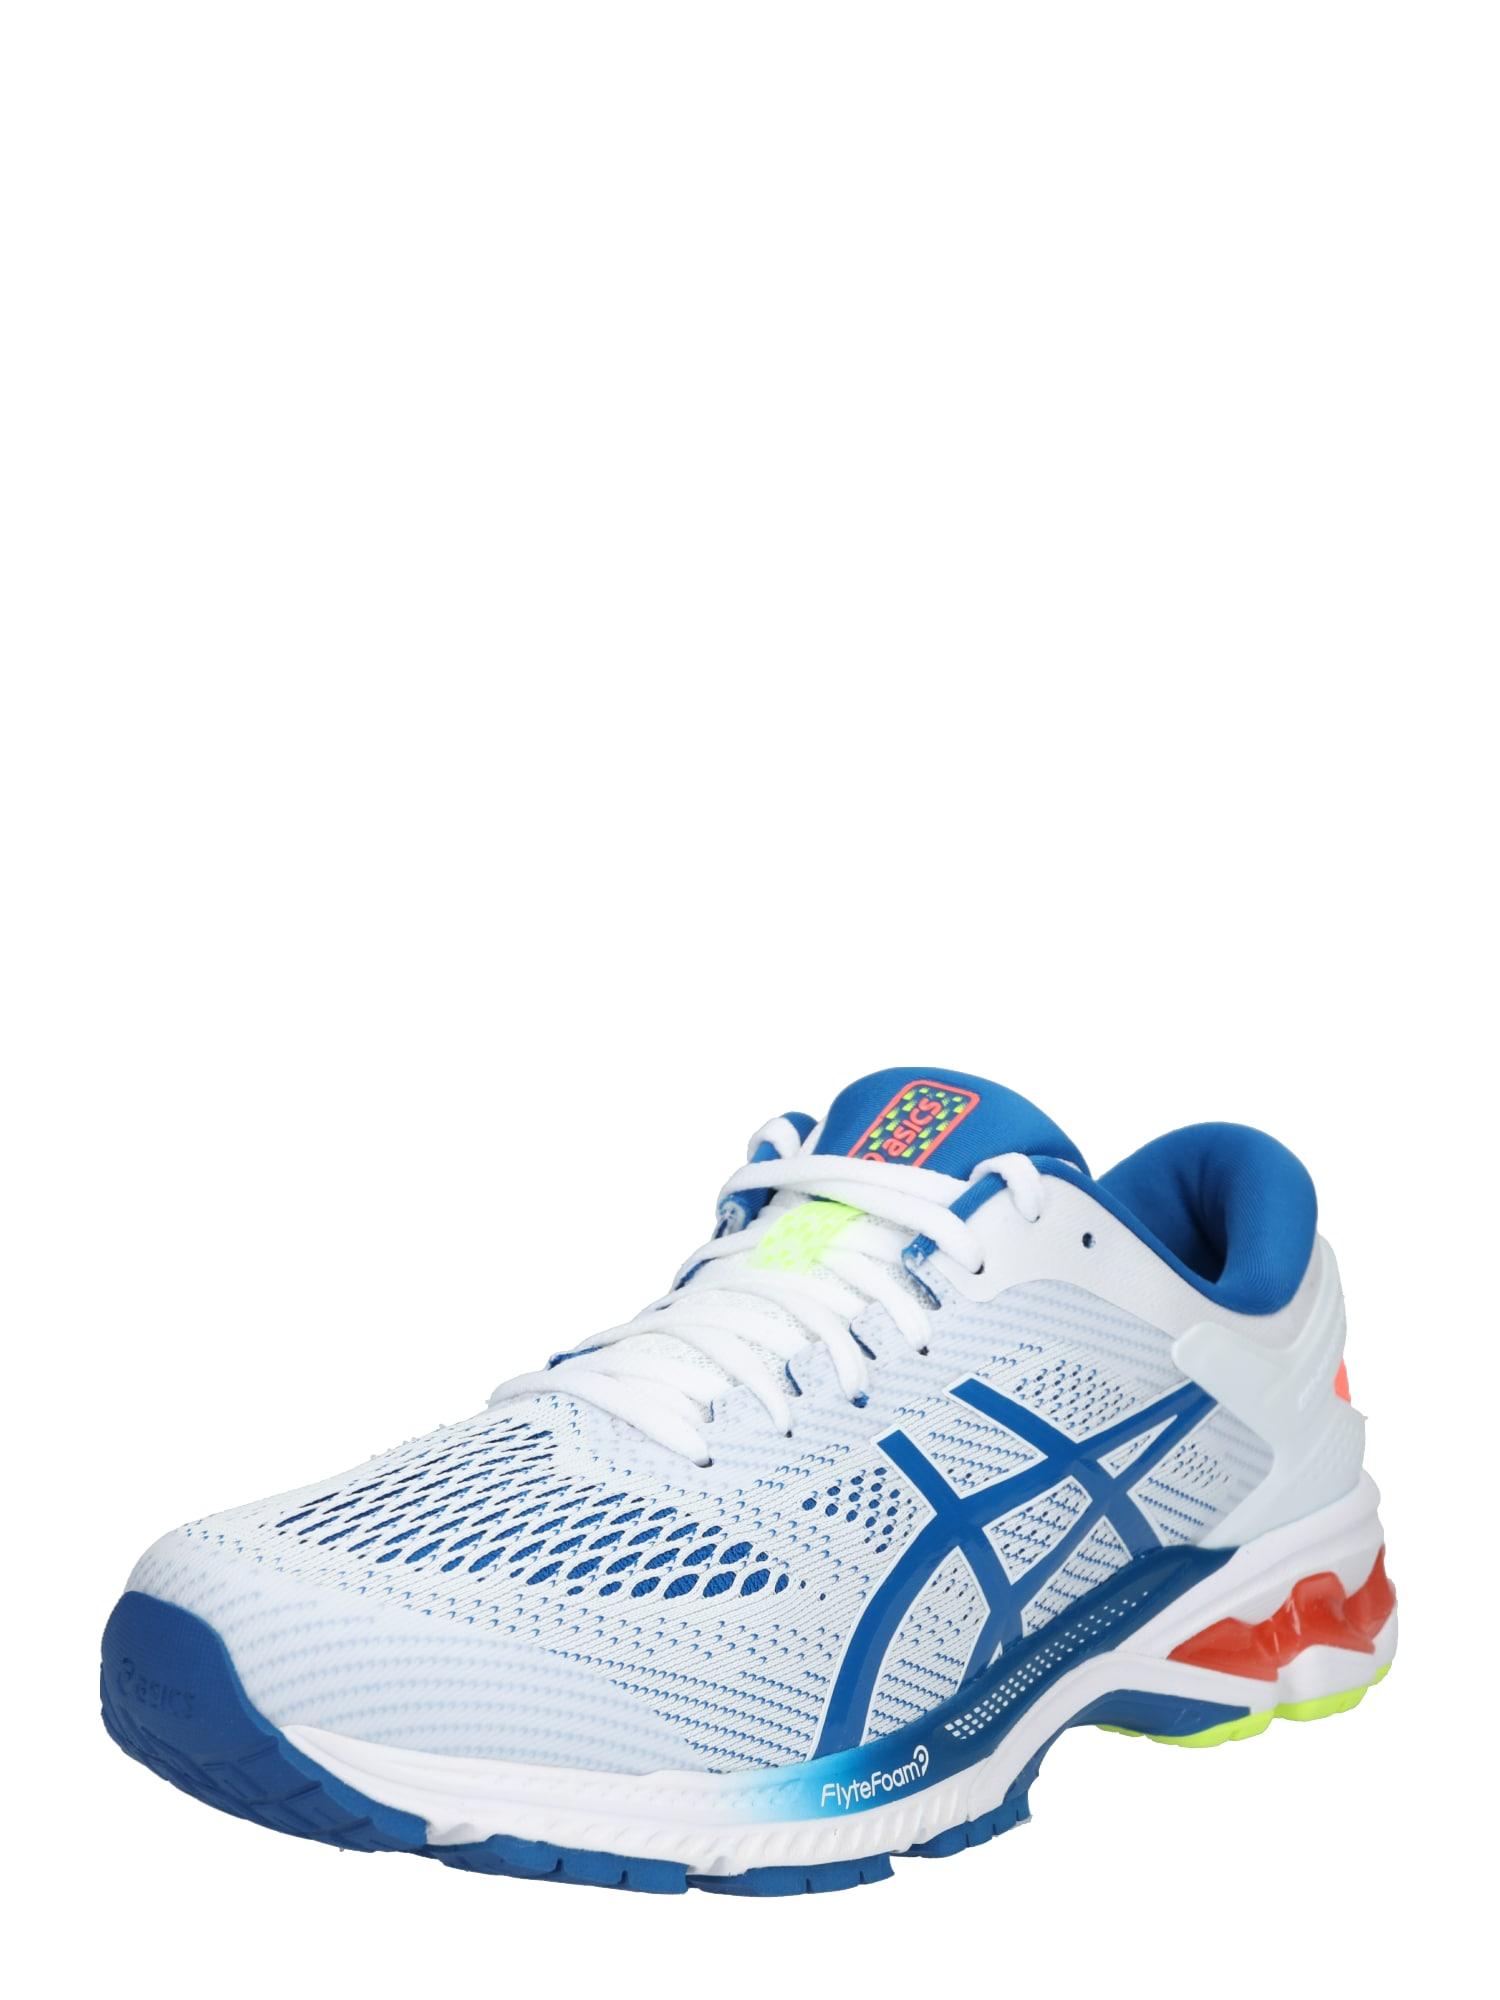 Běžecká obuv GEL-KAYANO 26 modrá bílá ASICS